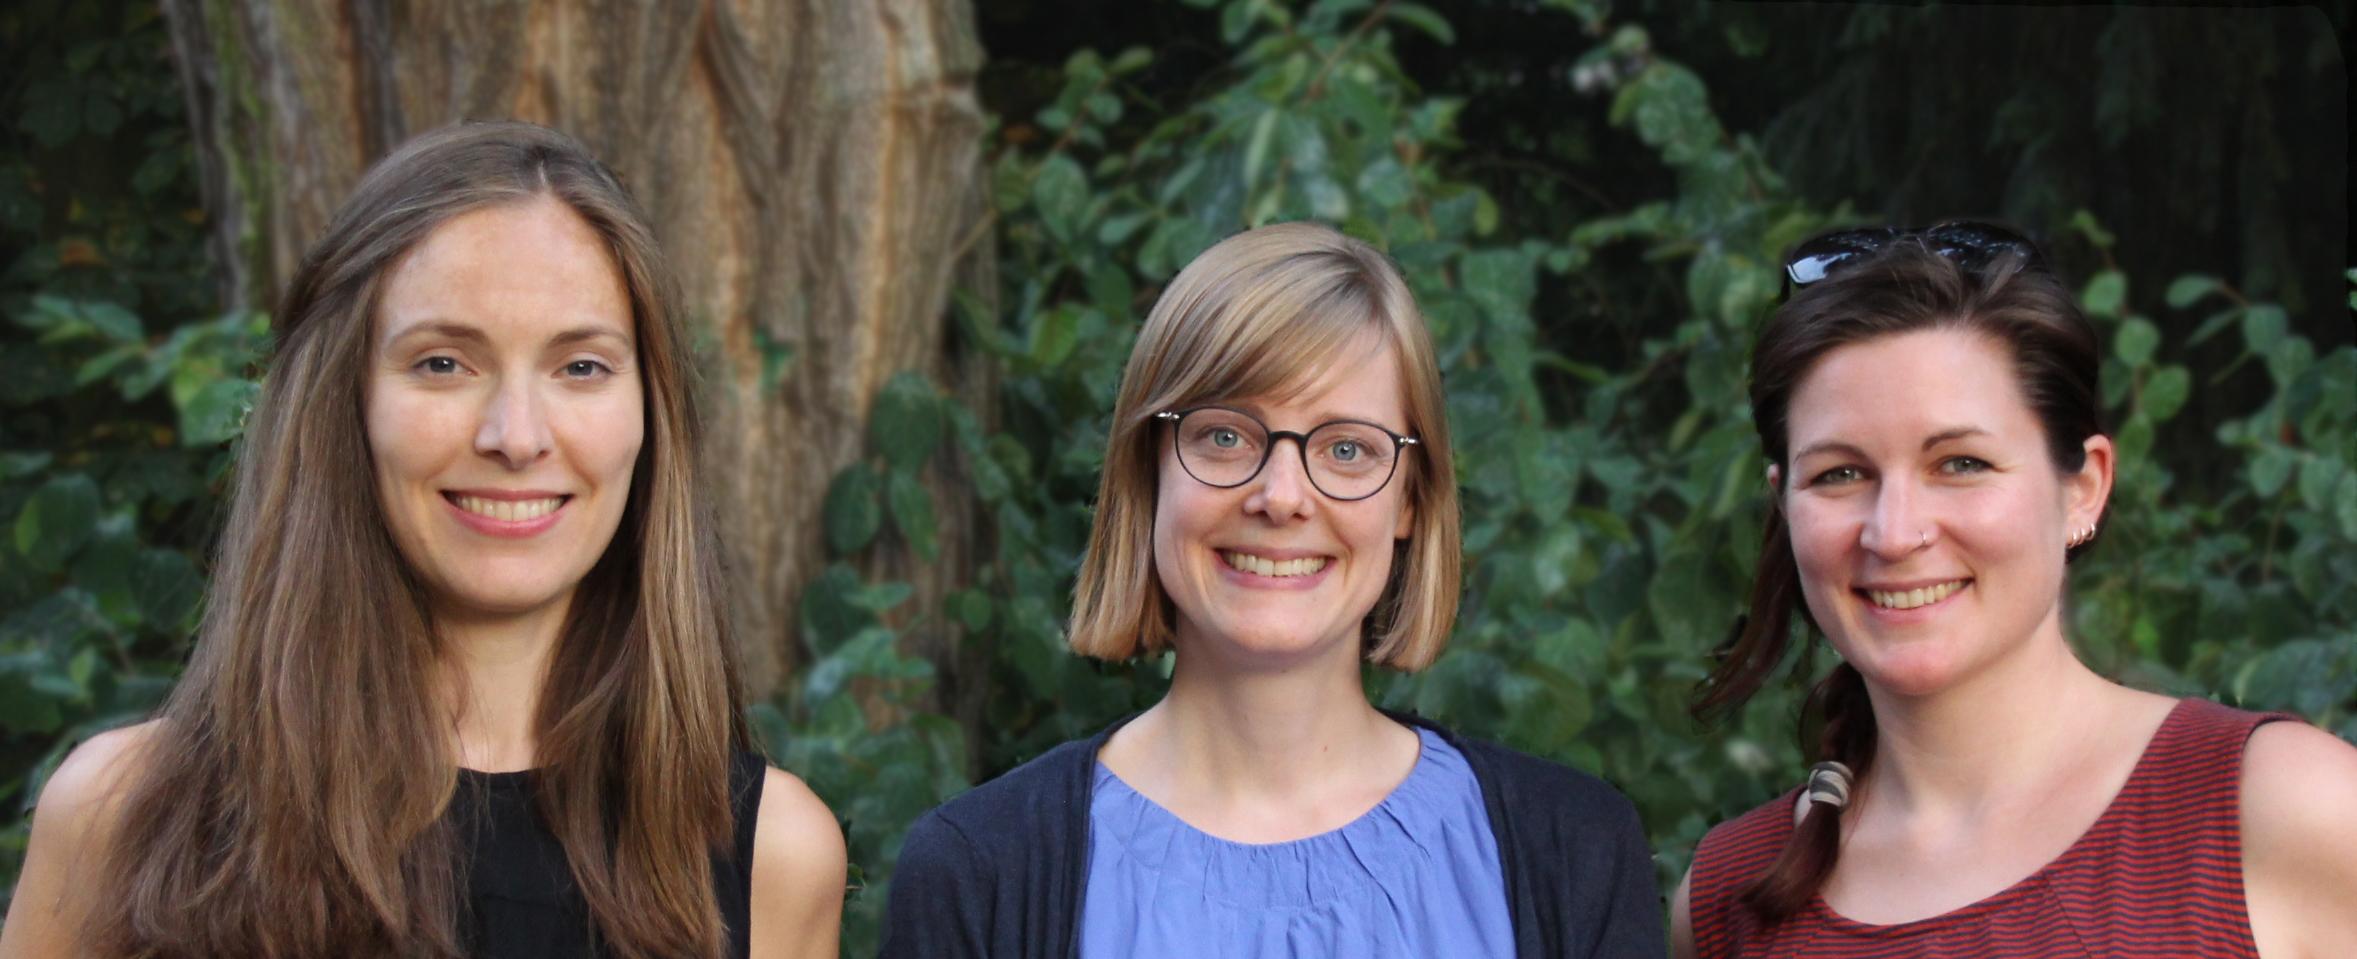 Der 2018 gewählte Vorstand der Fachgruppe Textil (vlnr) Verena Thiemann, Kerstin Heitmann und Laura Peters